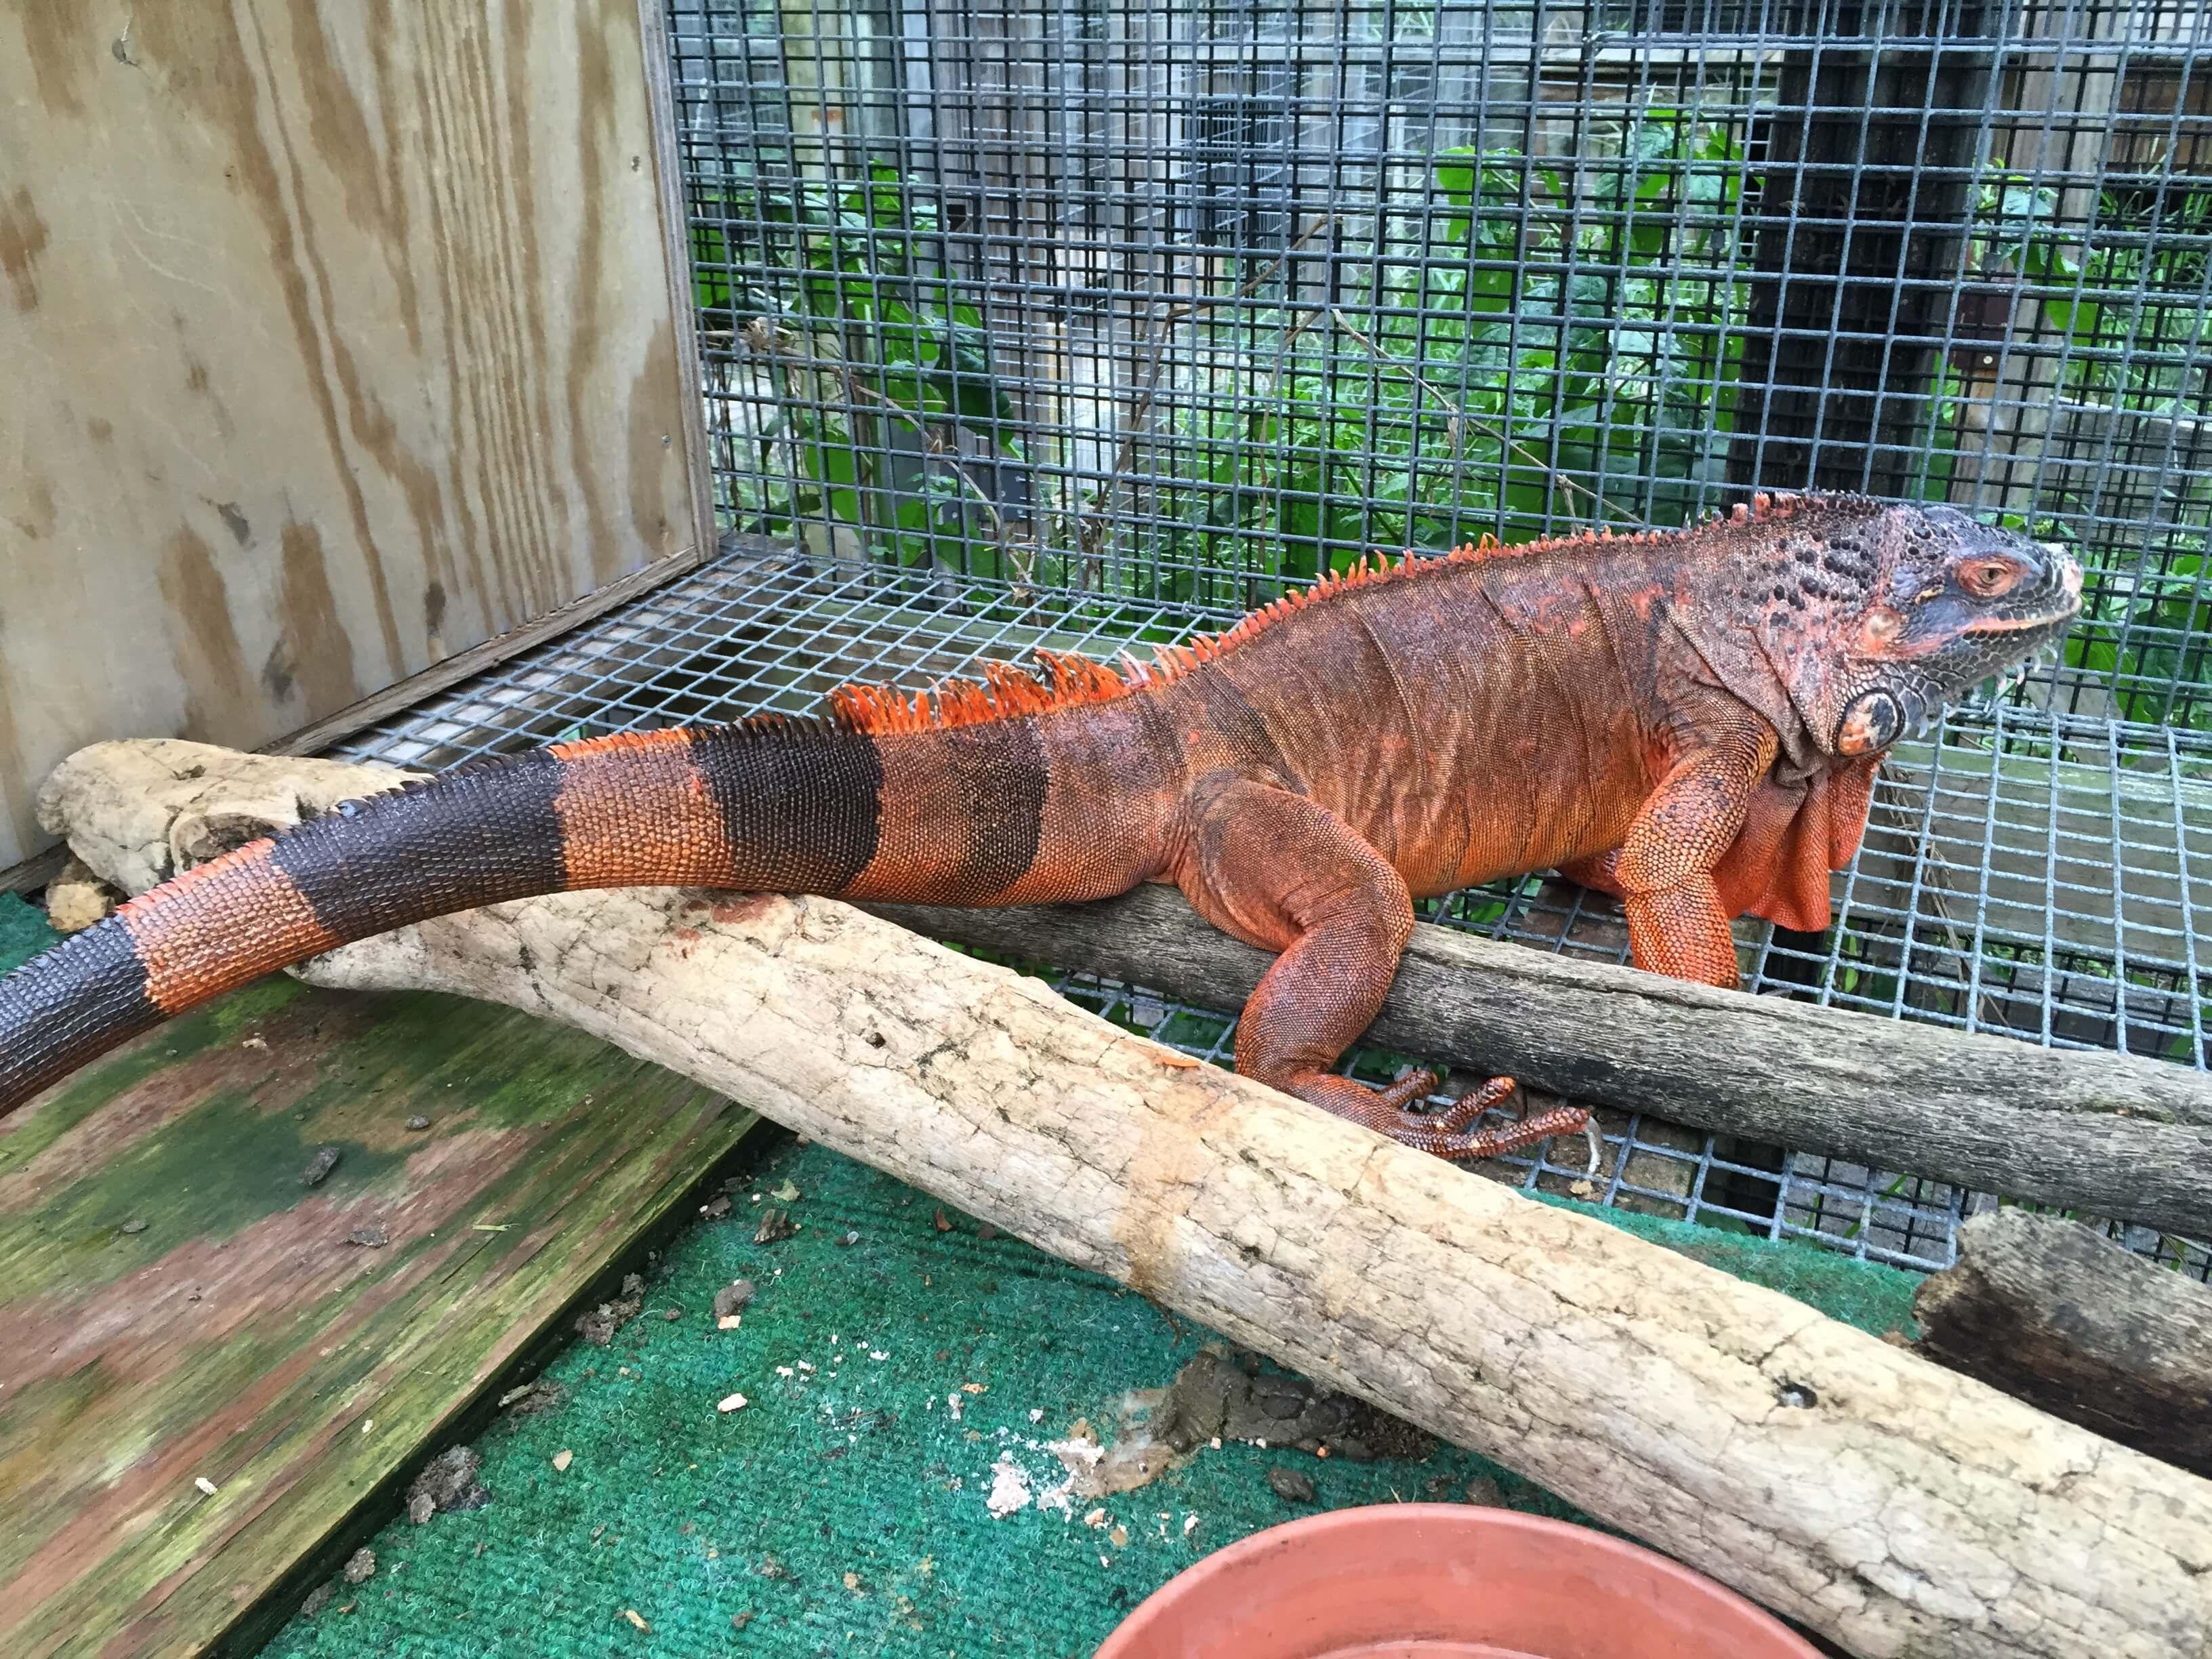 Iguanas Green Color Morphs Super Red